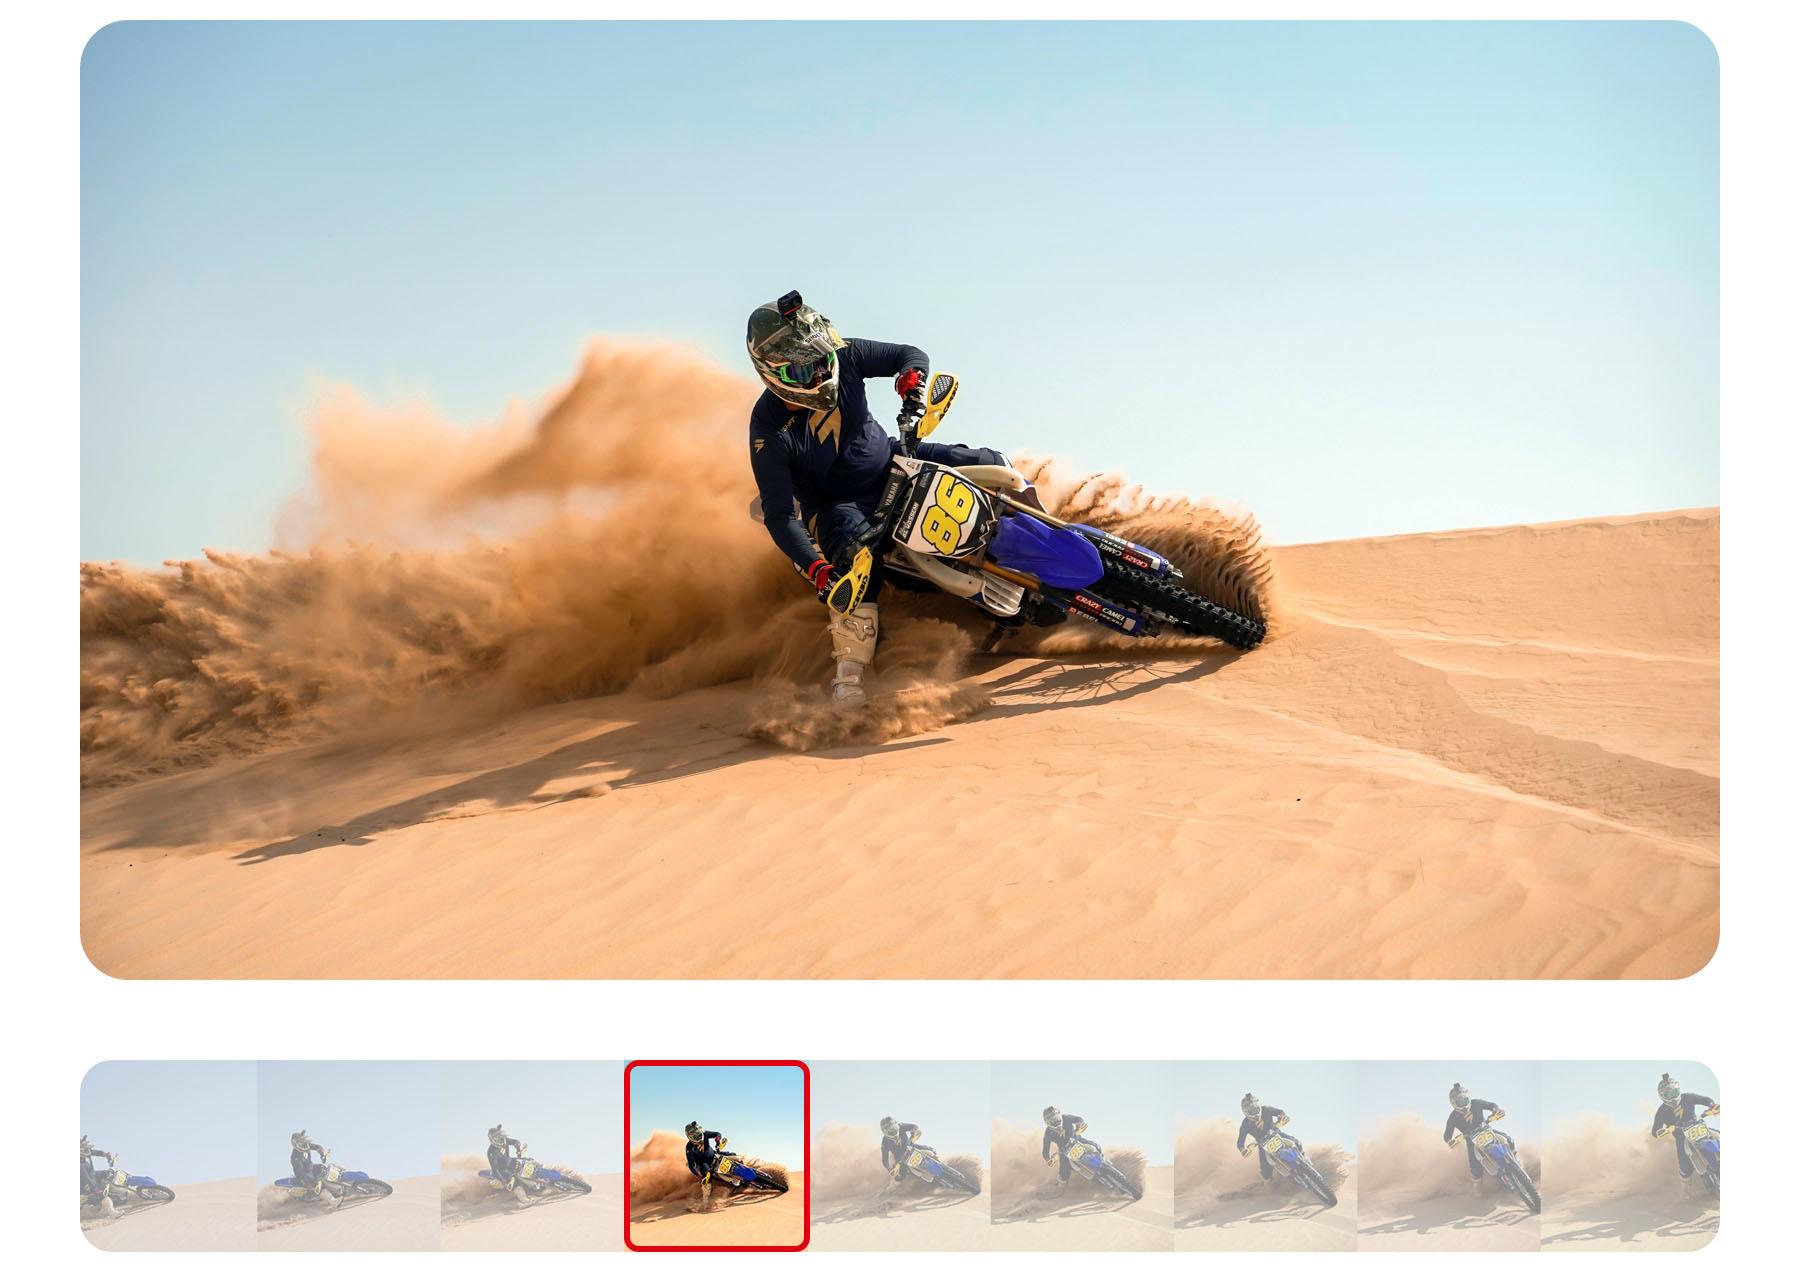 изображения замедленной съемки при помощи камеры Insta360 ONE R